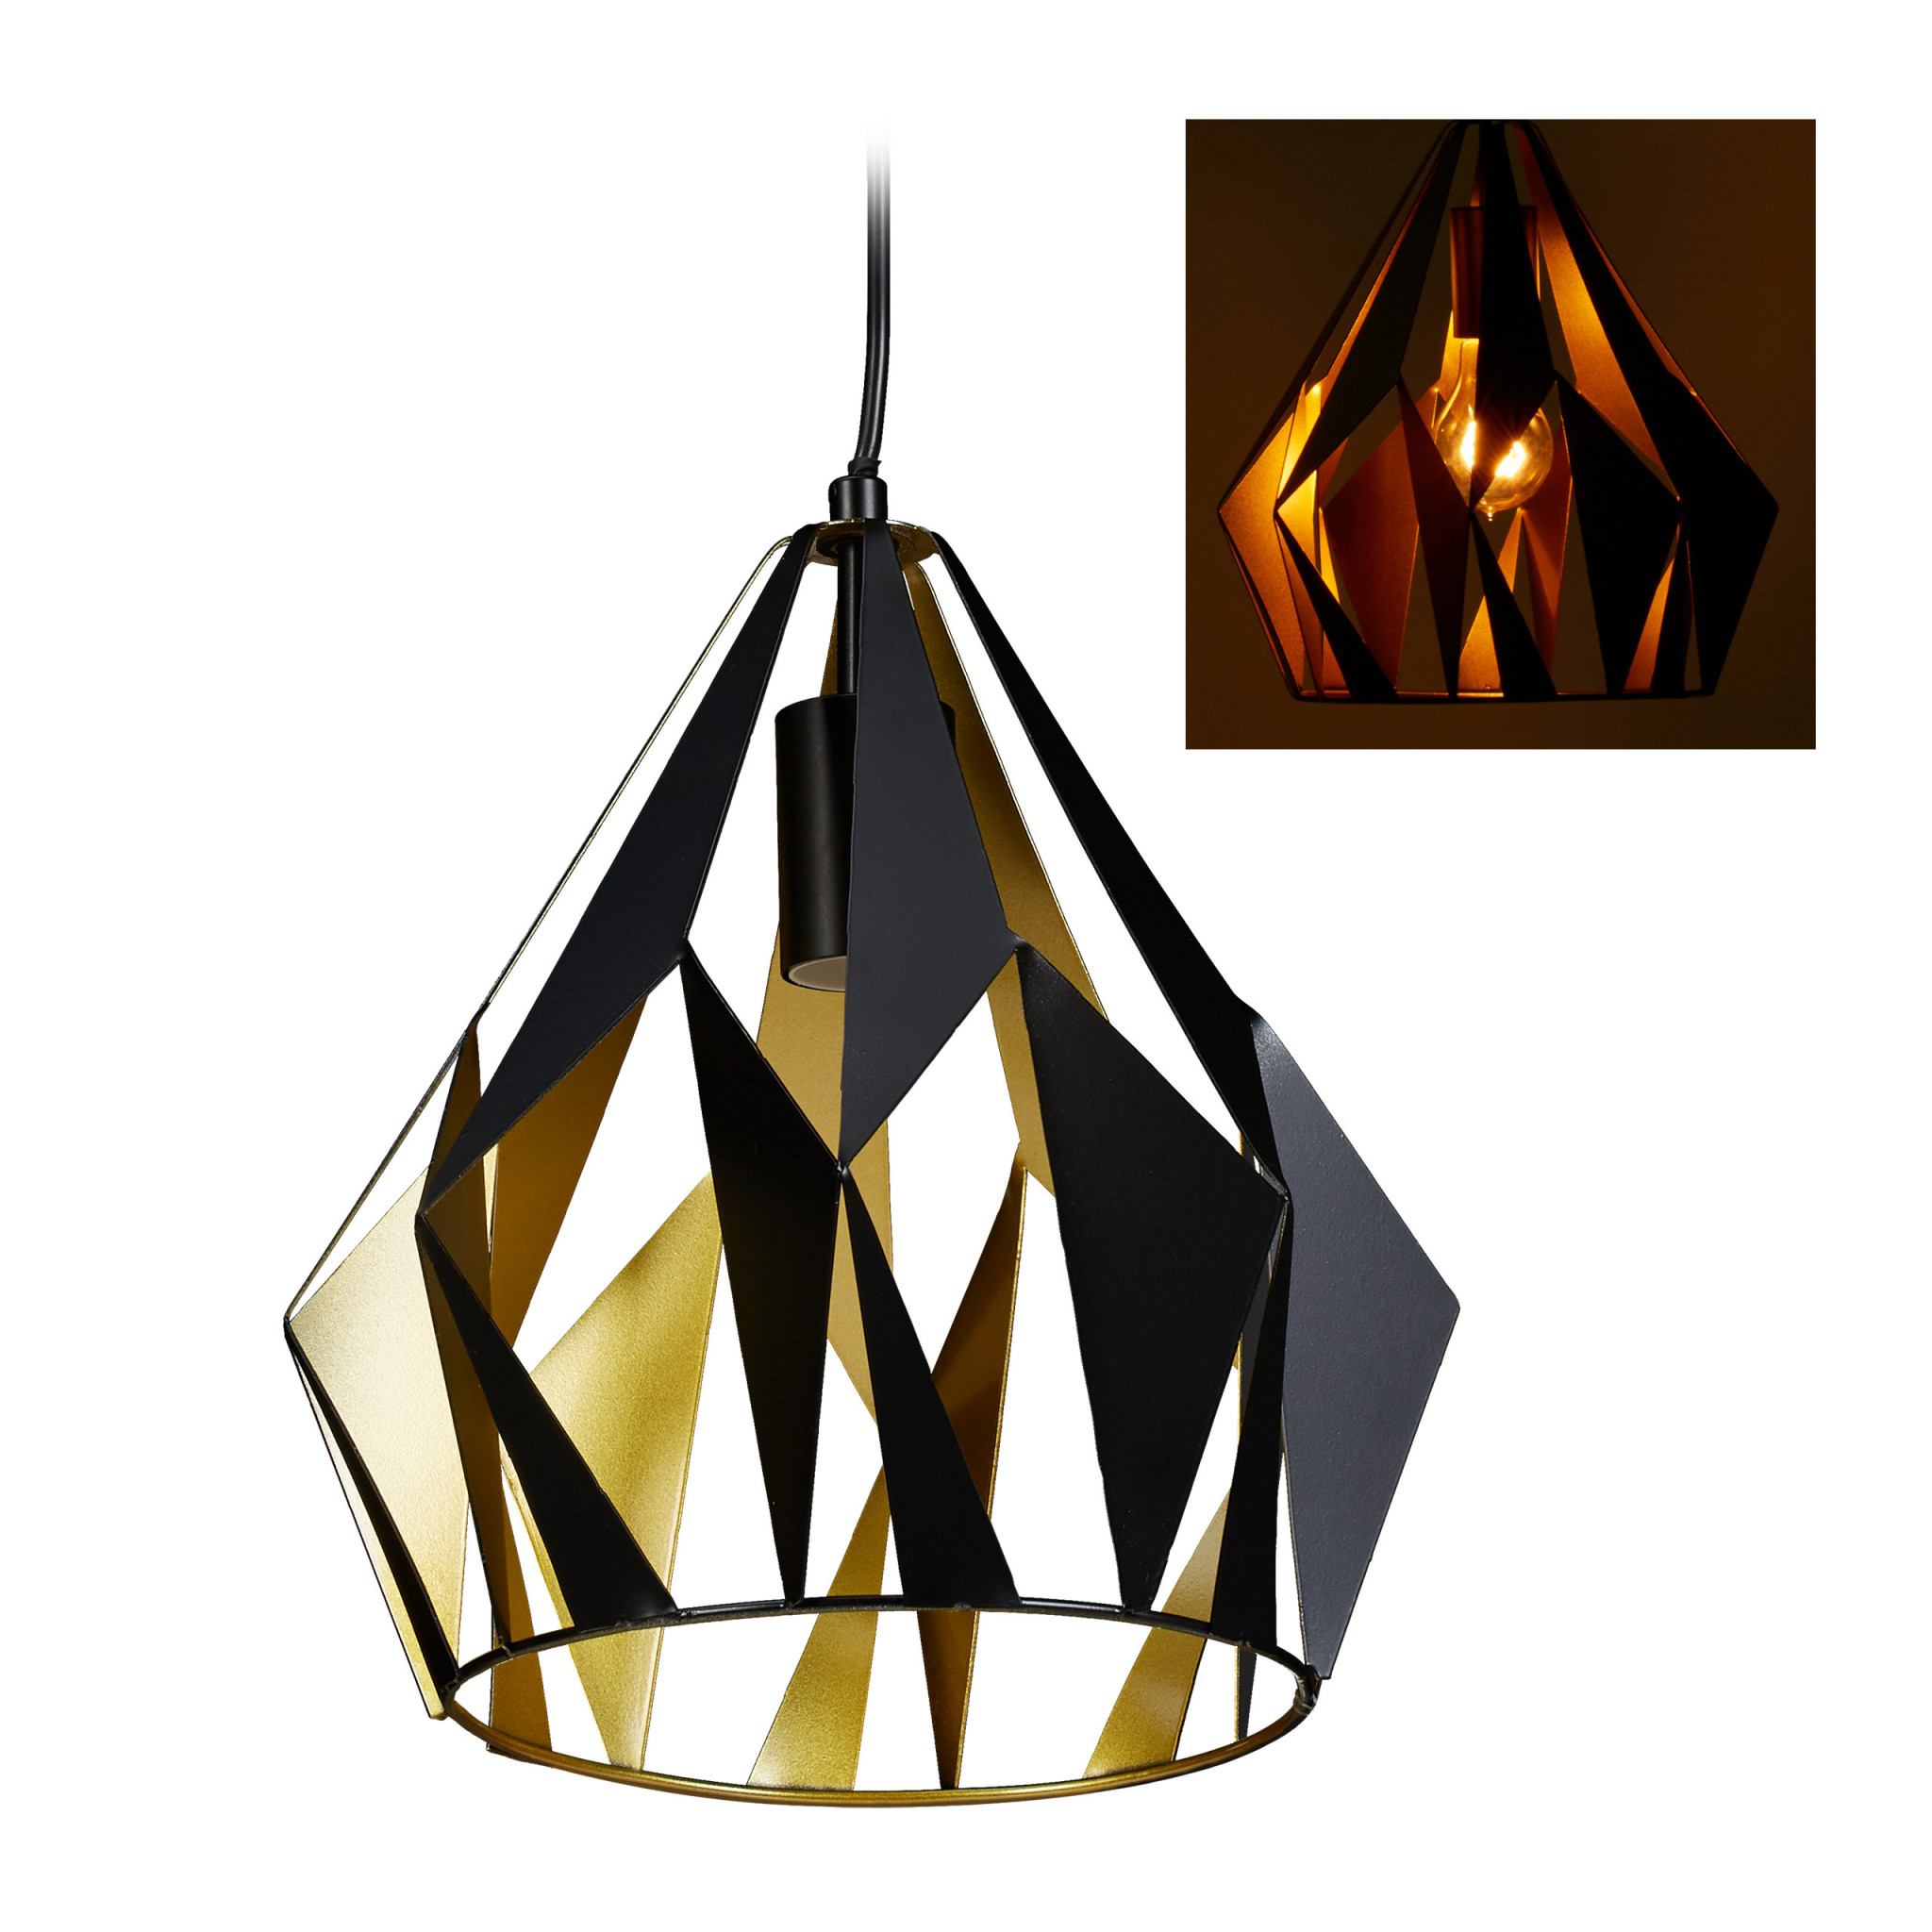 Details Zu Hängelampe Retro Metall Hängeleuchte Industrial Lampe E27  Pendellampe Wohnzimmer von Wohnzimmer Lampe Industrial Photo